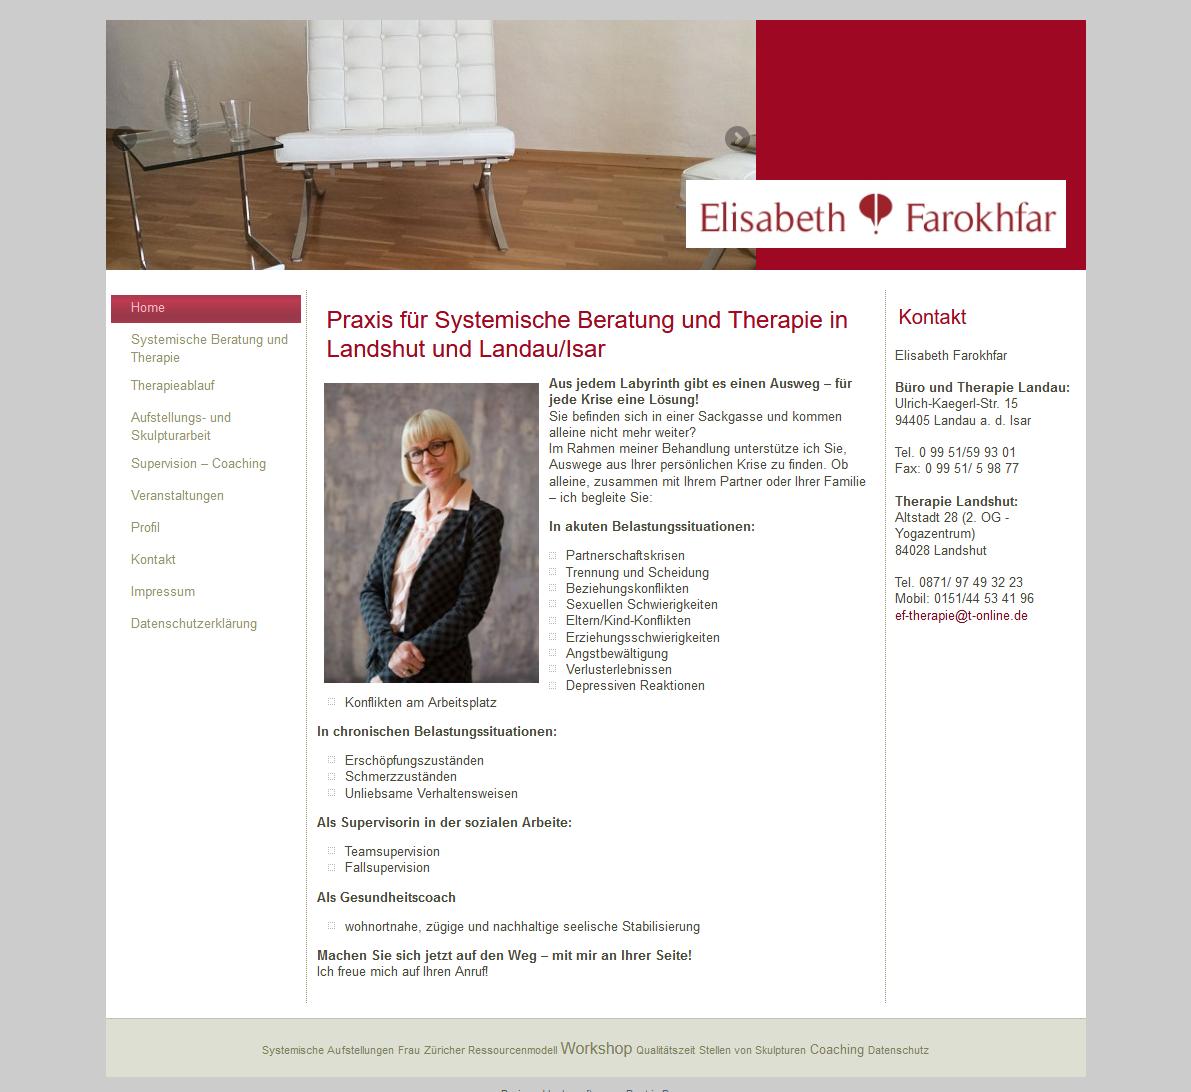 Praxis für Systemische Beratung und Therapie in Landshut und Landau Isar